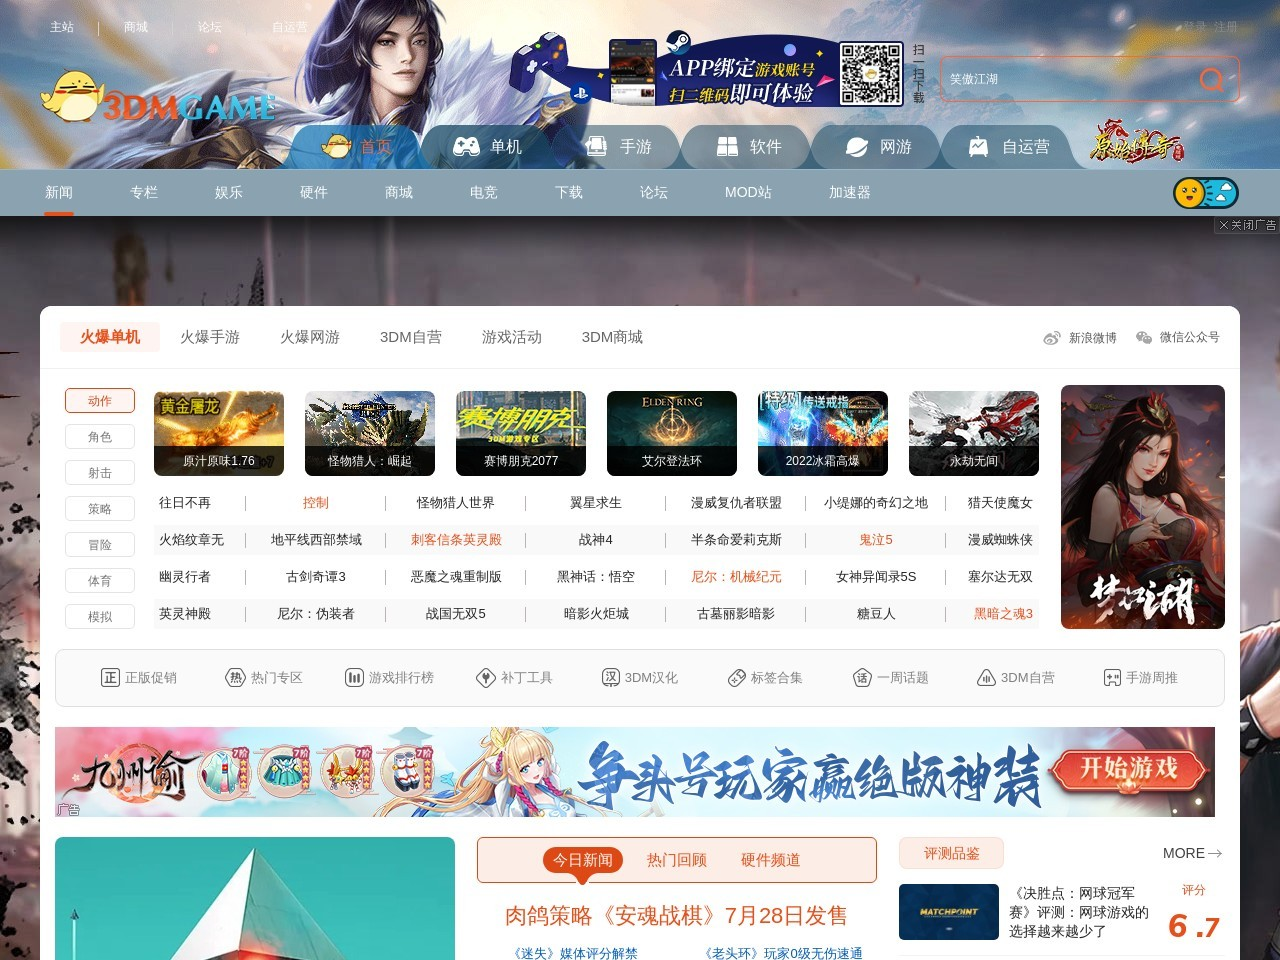 冯小刚新片《忠犬八公》正式开机 定档12月31日上映_3DM单机